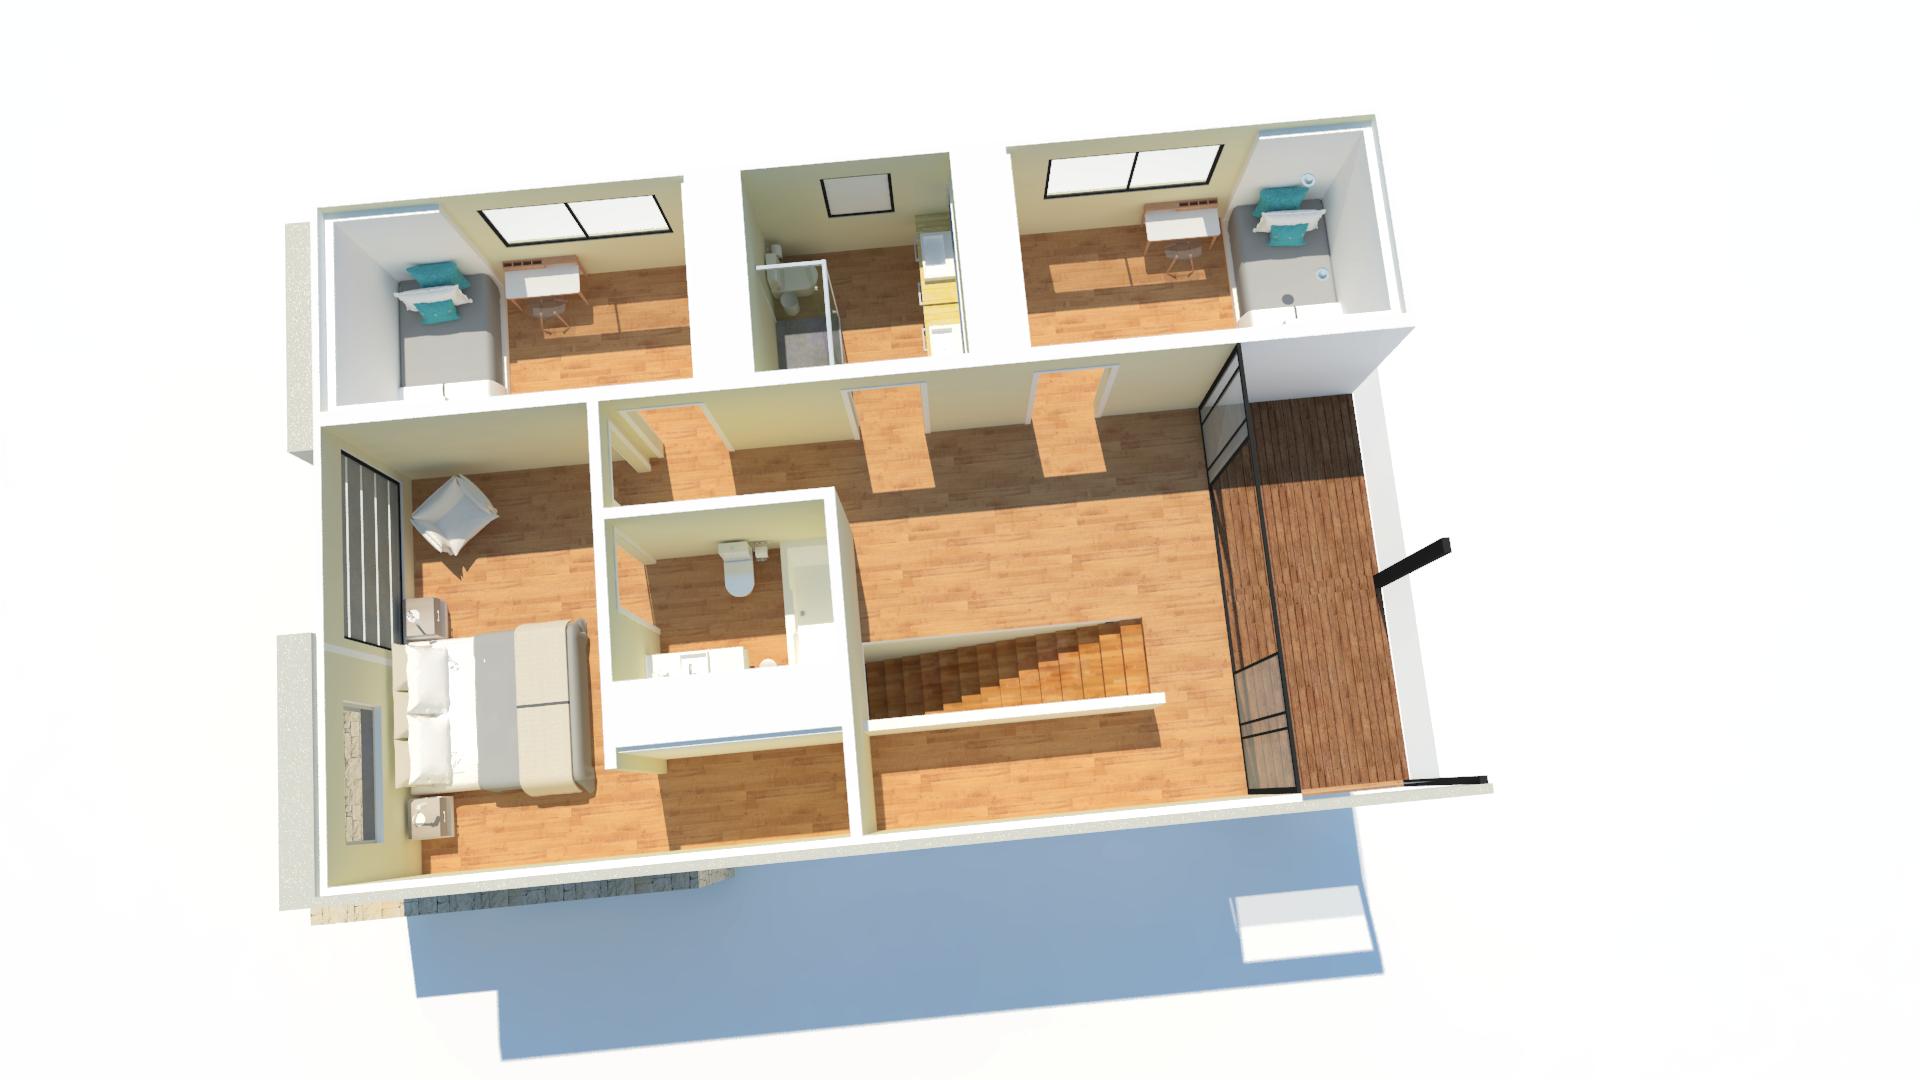 casa container projeto arquitetonico planta baixa